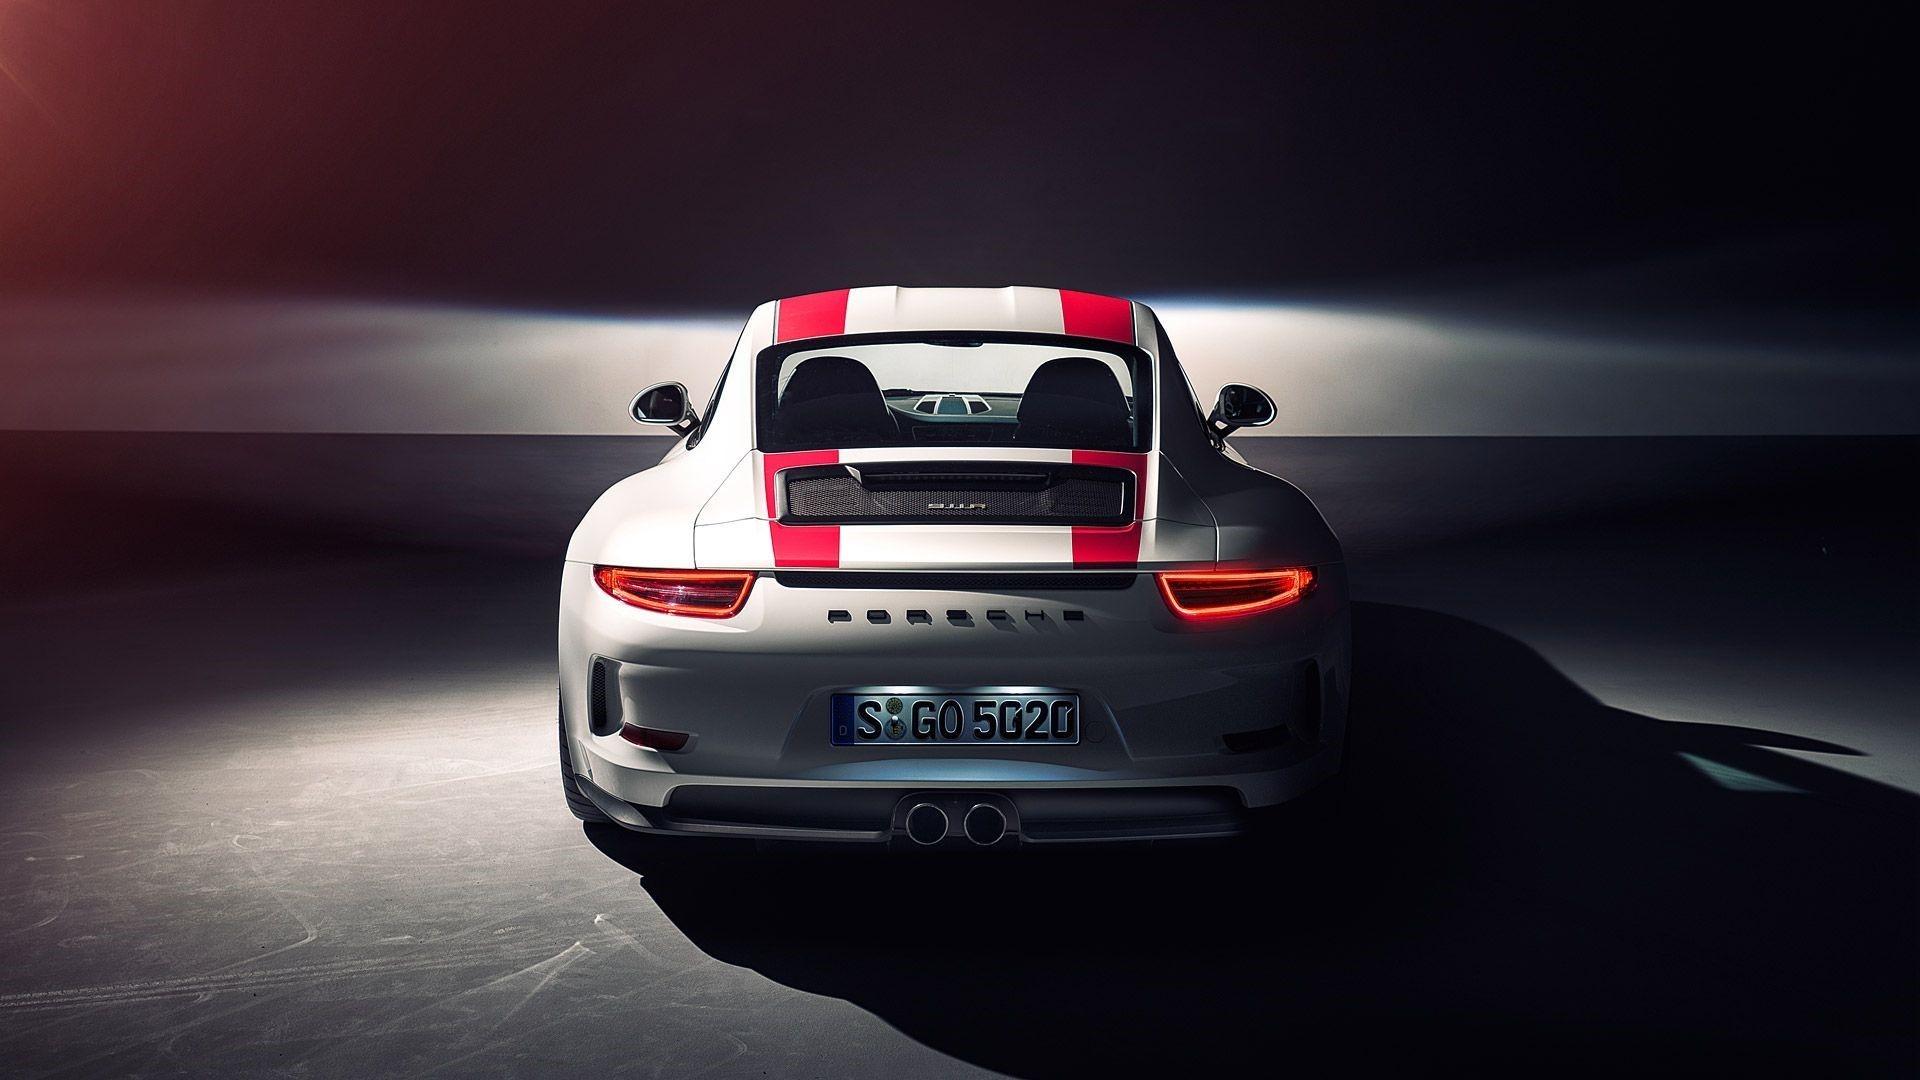 Porsche UHD Wallpapers